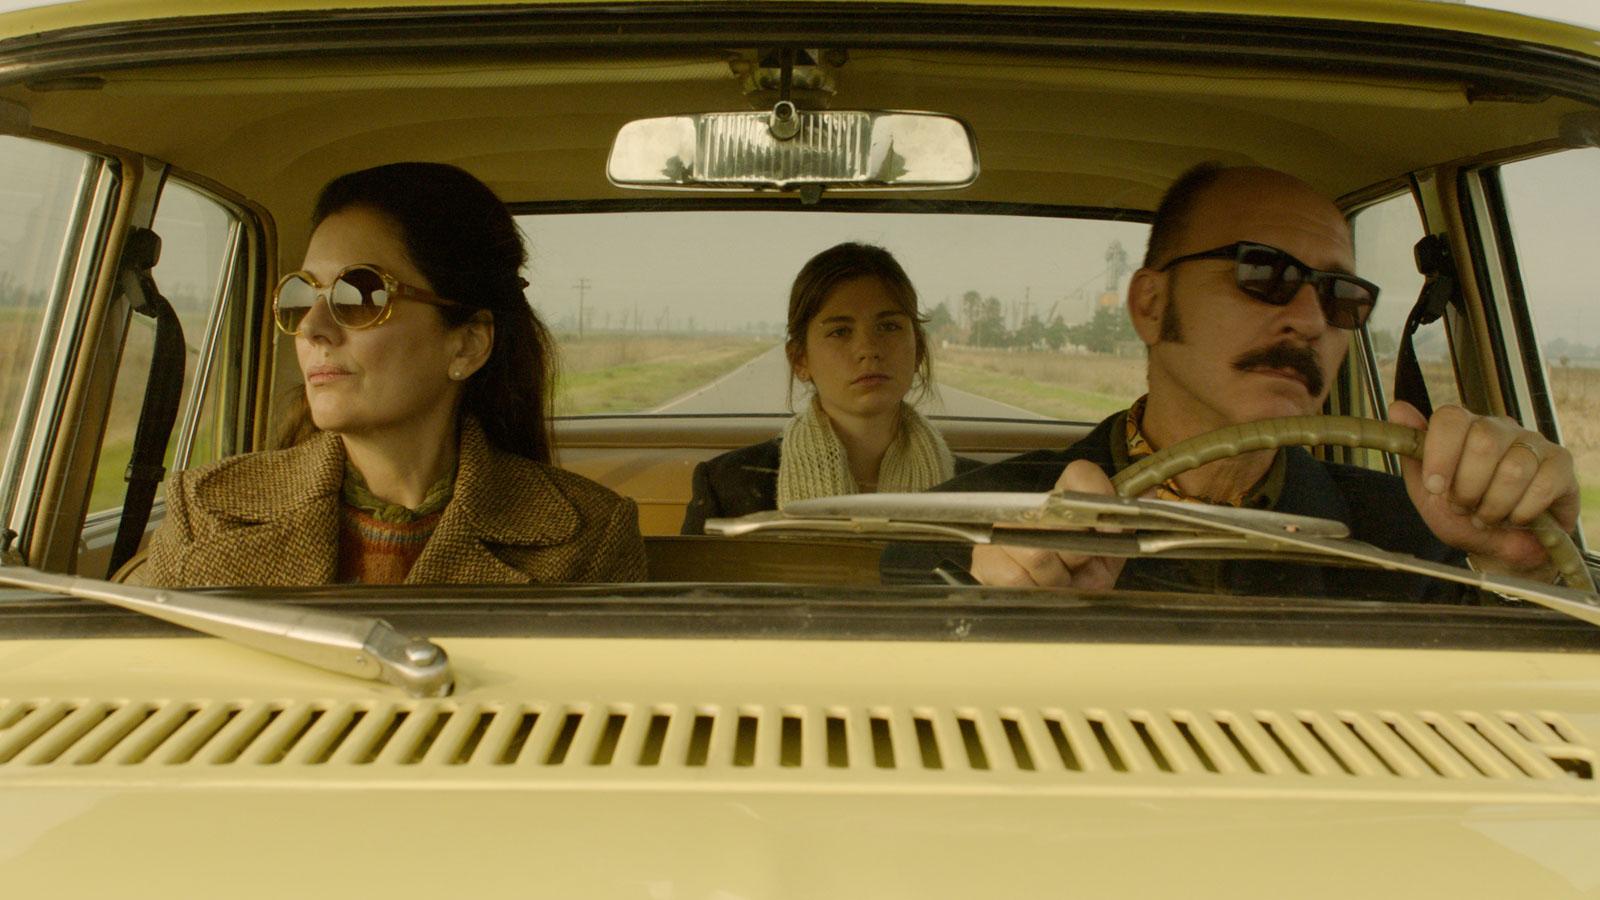 Darío Grandinetti, Laura Grandinetti, and Andrea Frigerio in Rojo (2018)